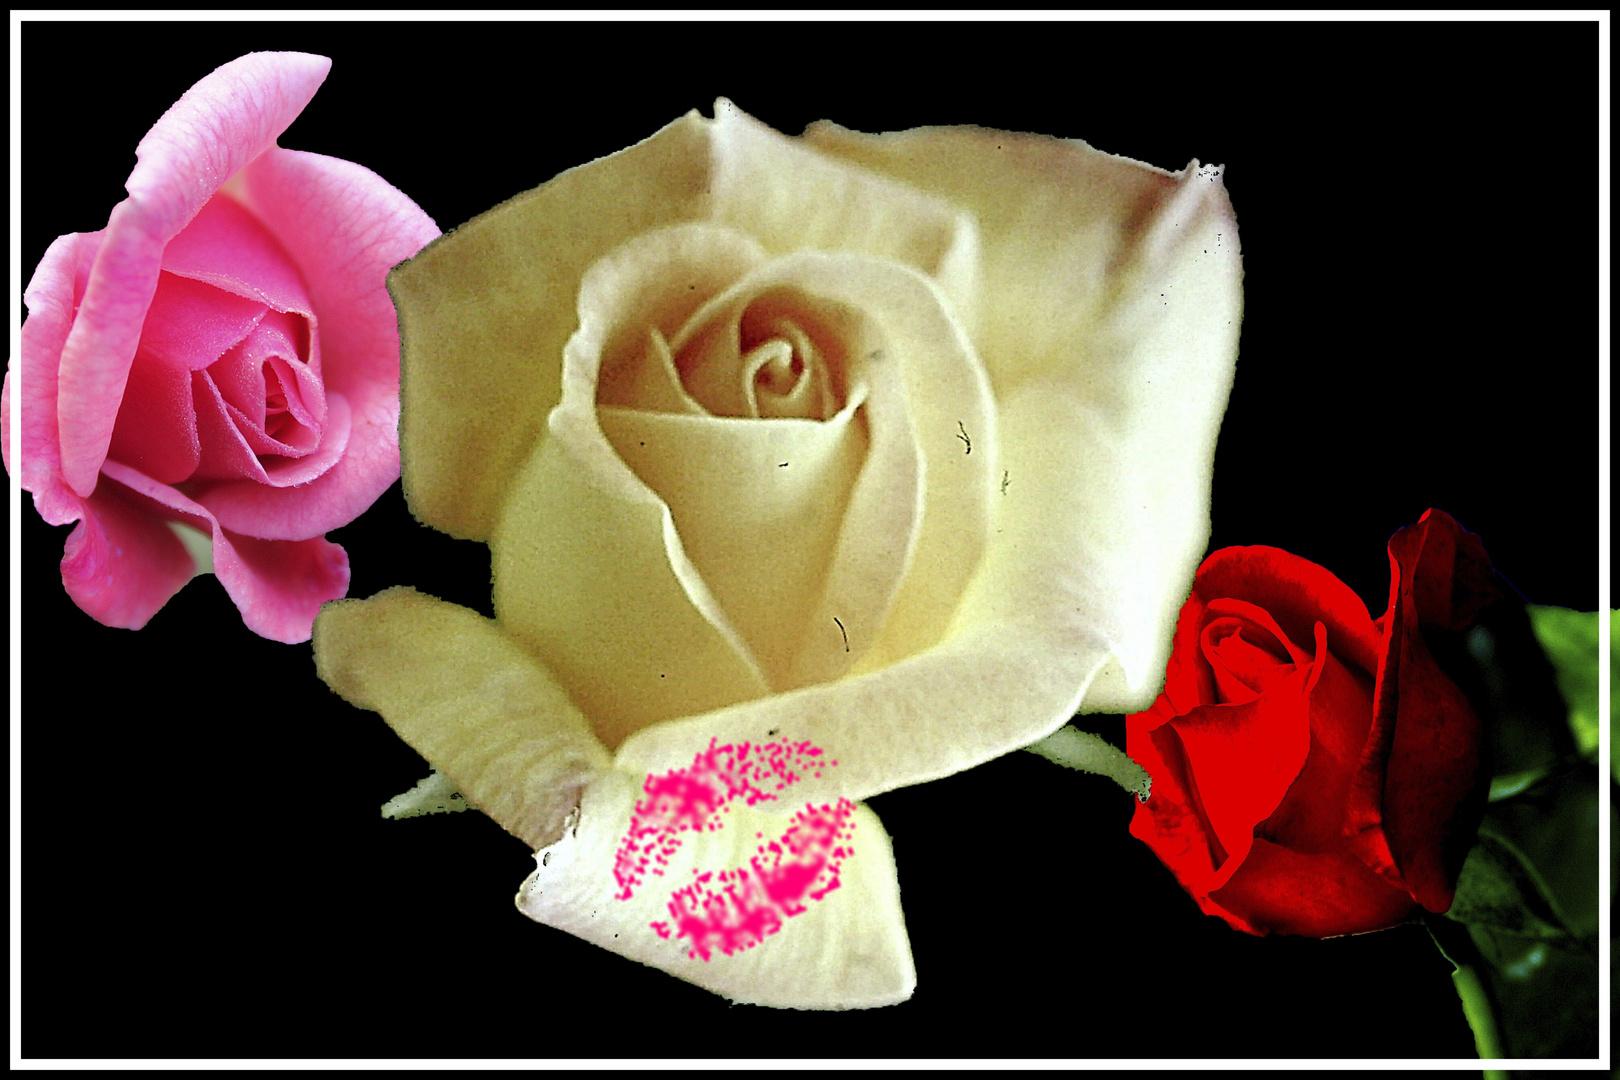 Ein Blumengruß zum Frauentag